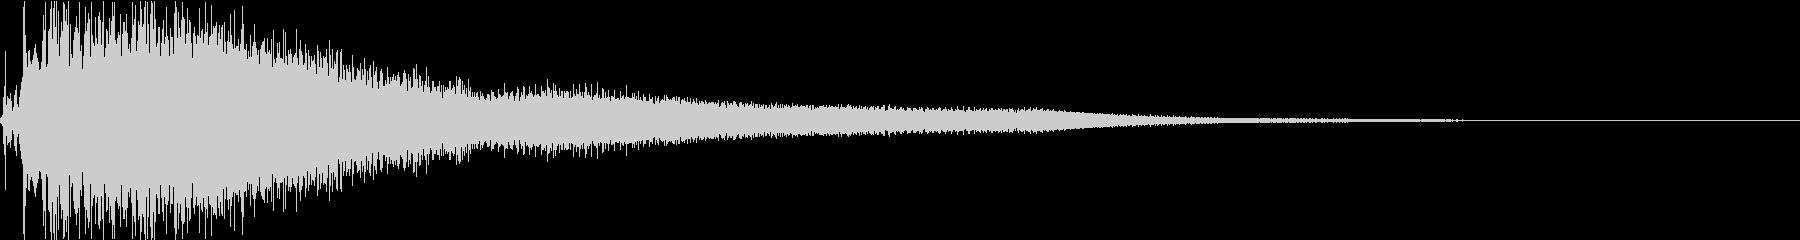 ジャラーン:アコースティックギターgの未再生の波形